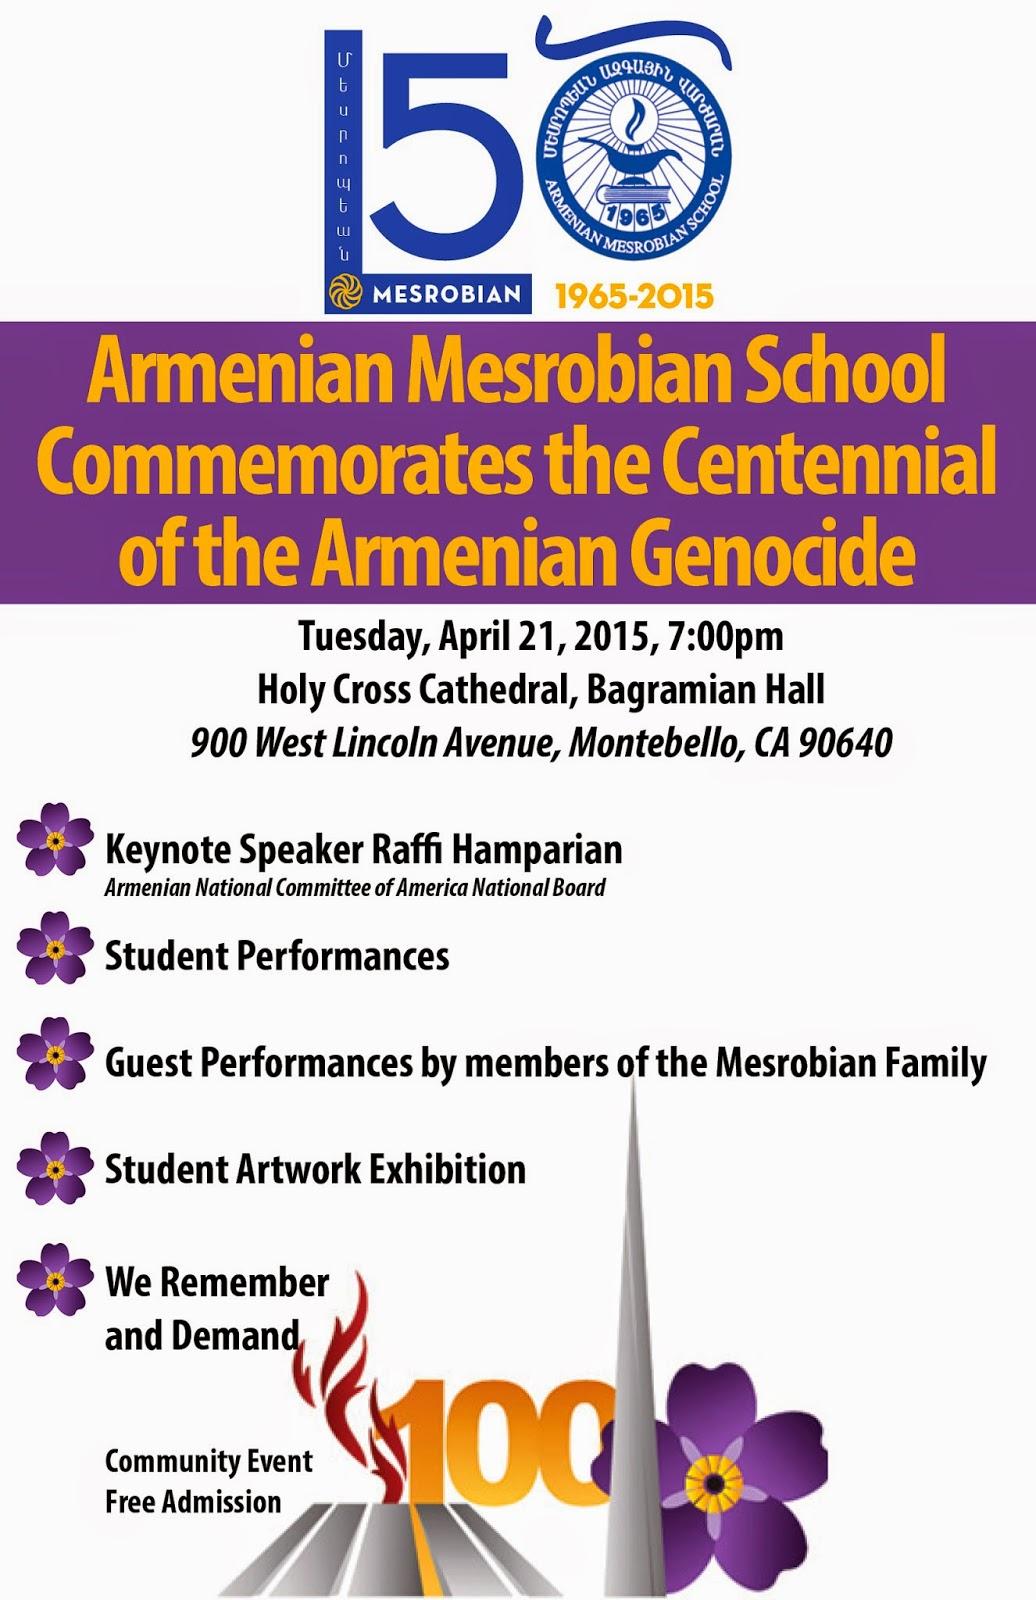 Armenian Mesrobian School: MESROBIAN COMMEMORATES THE CENTENNIAL OF ...